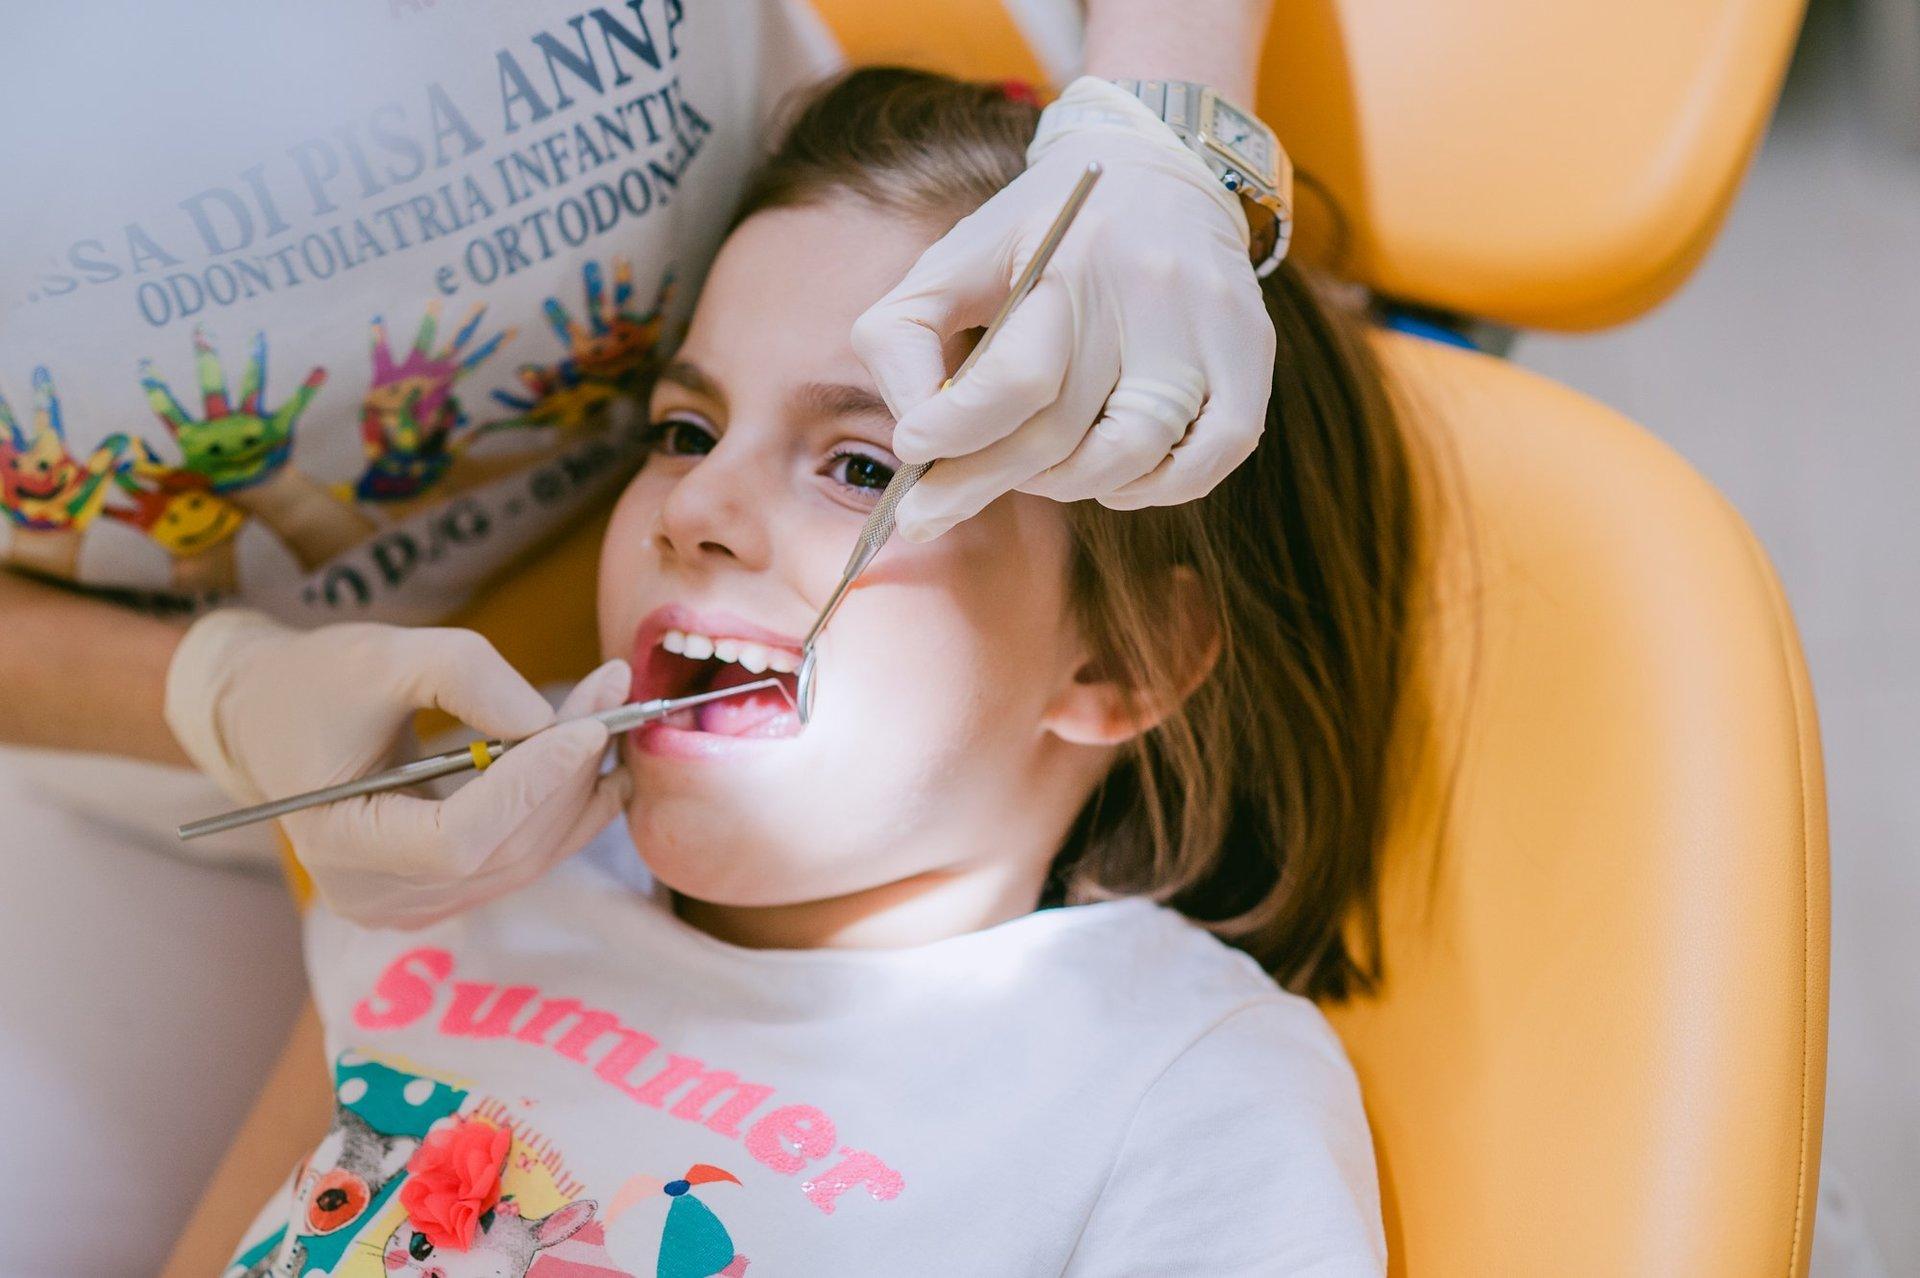 Bambina sottoposta a trattamenti dentistico